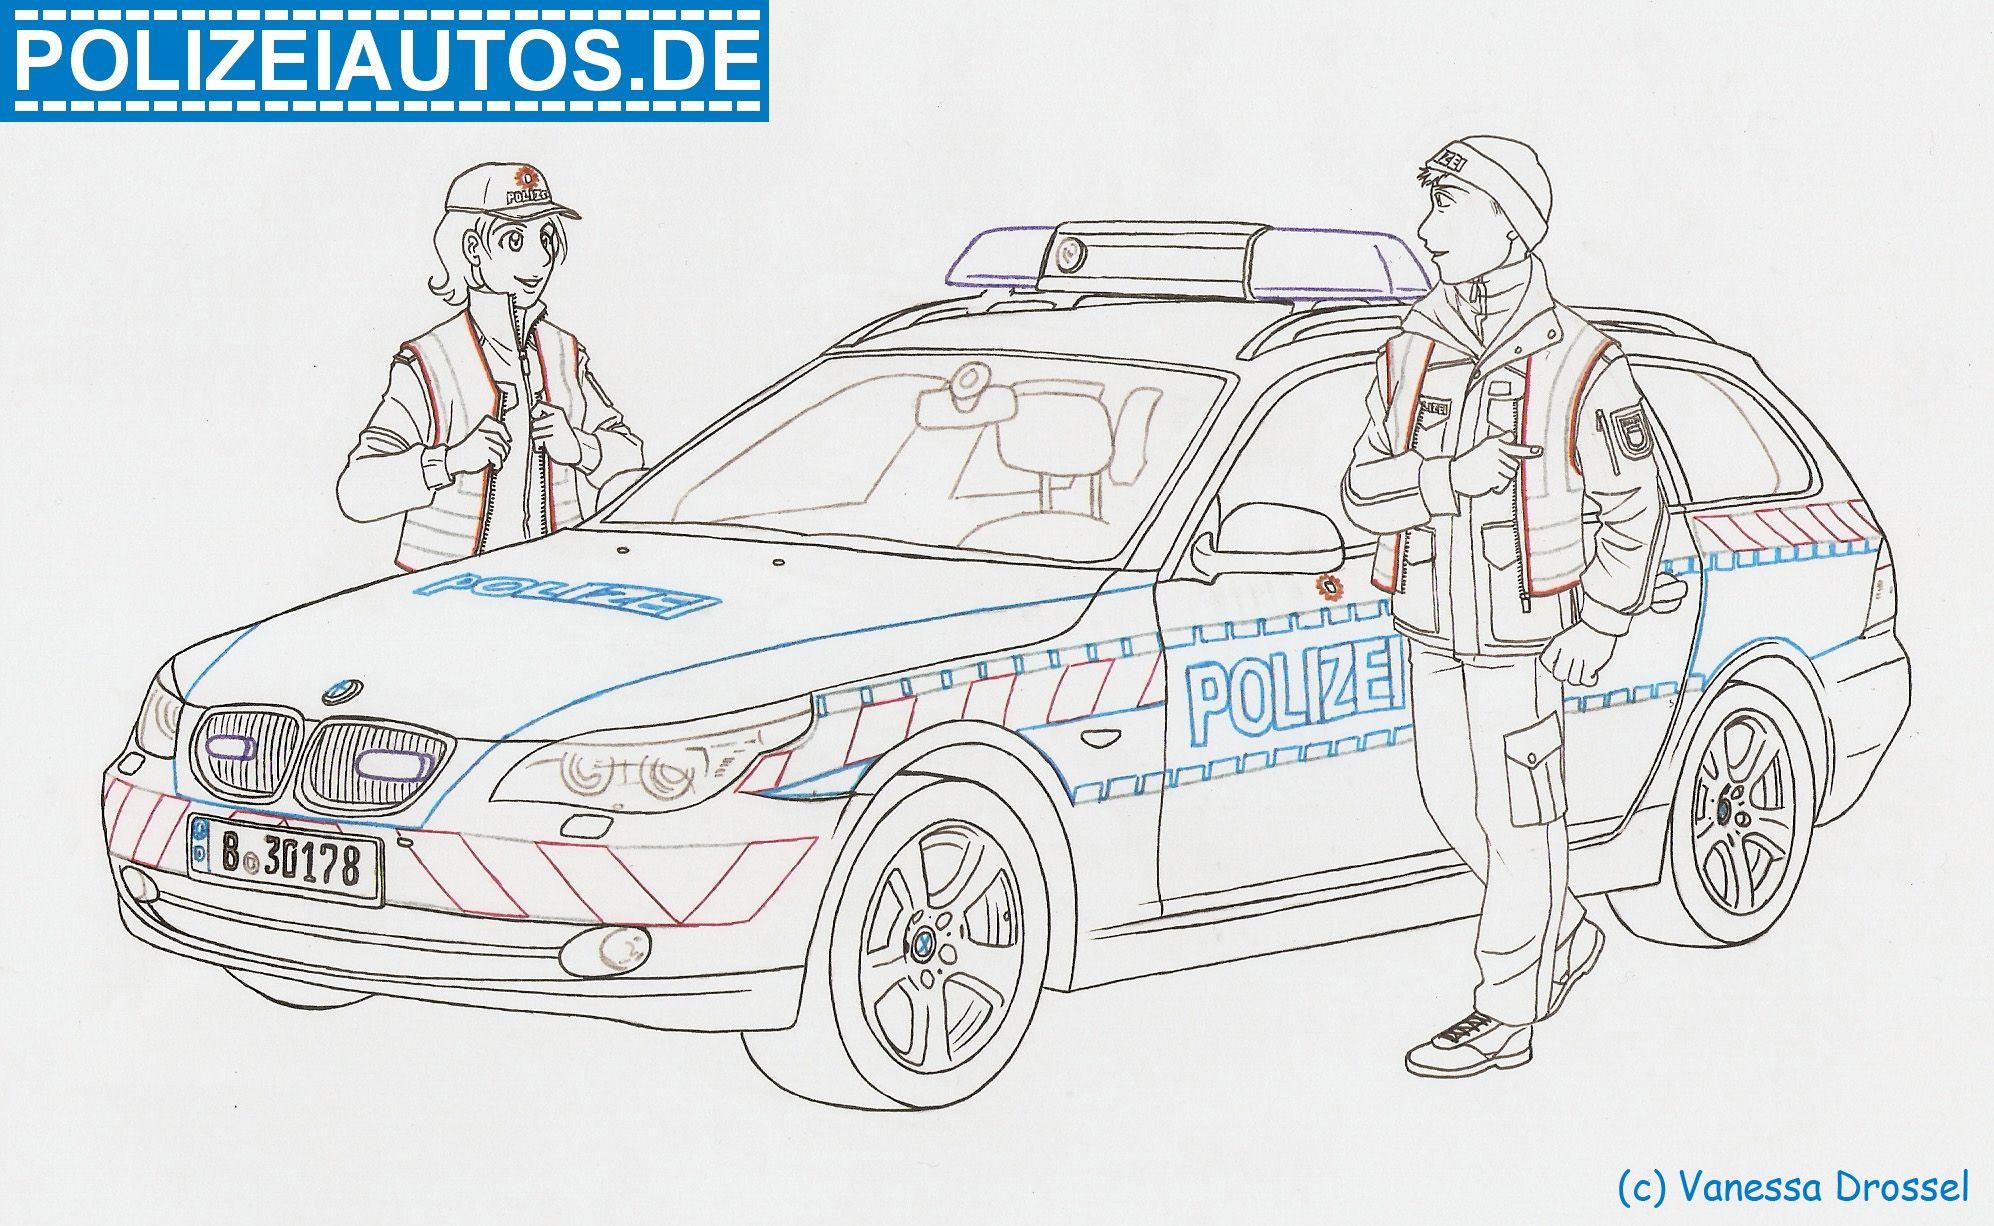 Ausmalbilder Kostenlos Ausdrucken Playmobil : Ausmalbild Polizei 73 Malvorlage Polizei Ausmalbilder Kostenlos